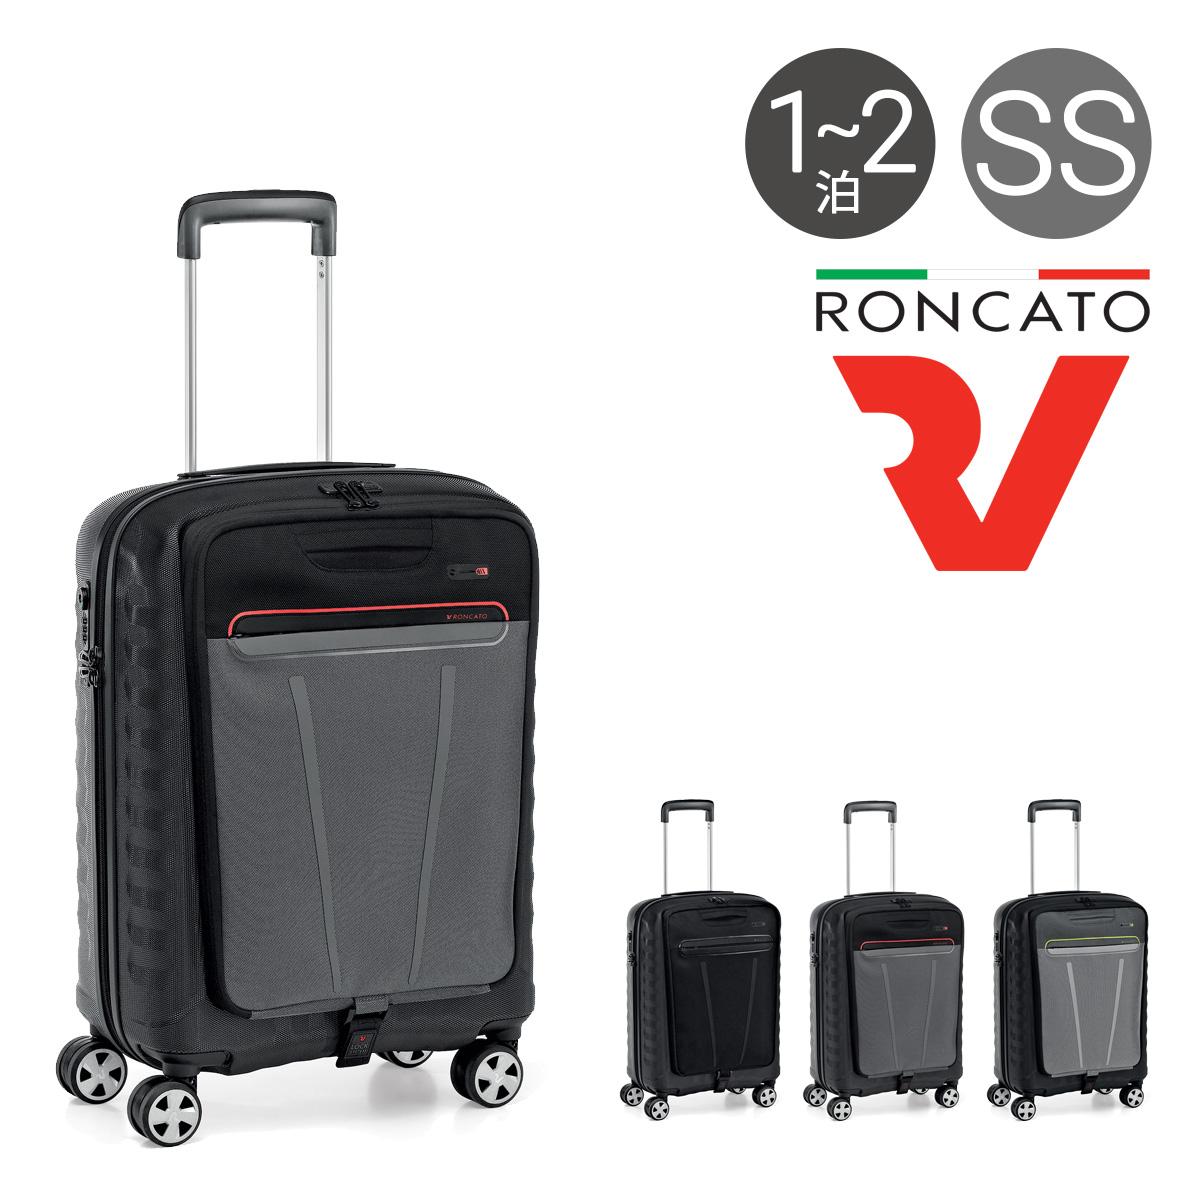 ロンカート スーツケース 5145 DOUBLE 55cm 【 ダブル 10年保証 フロントオープン 軽量 イタリア製 TSAロック搭載 キャリーケース 】[bef][PO10]